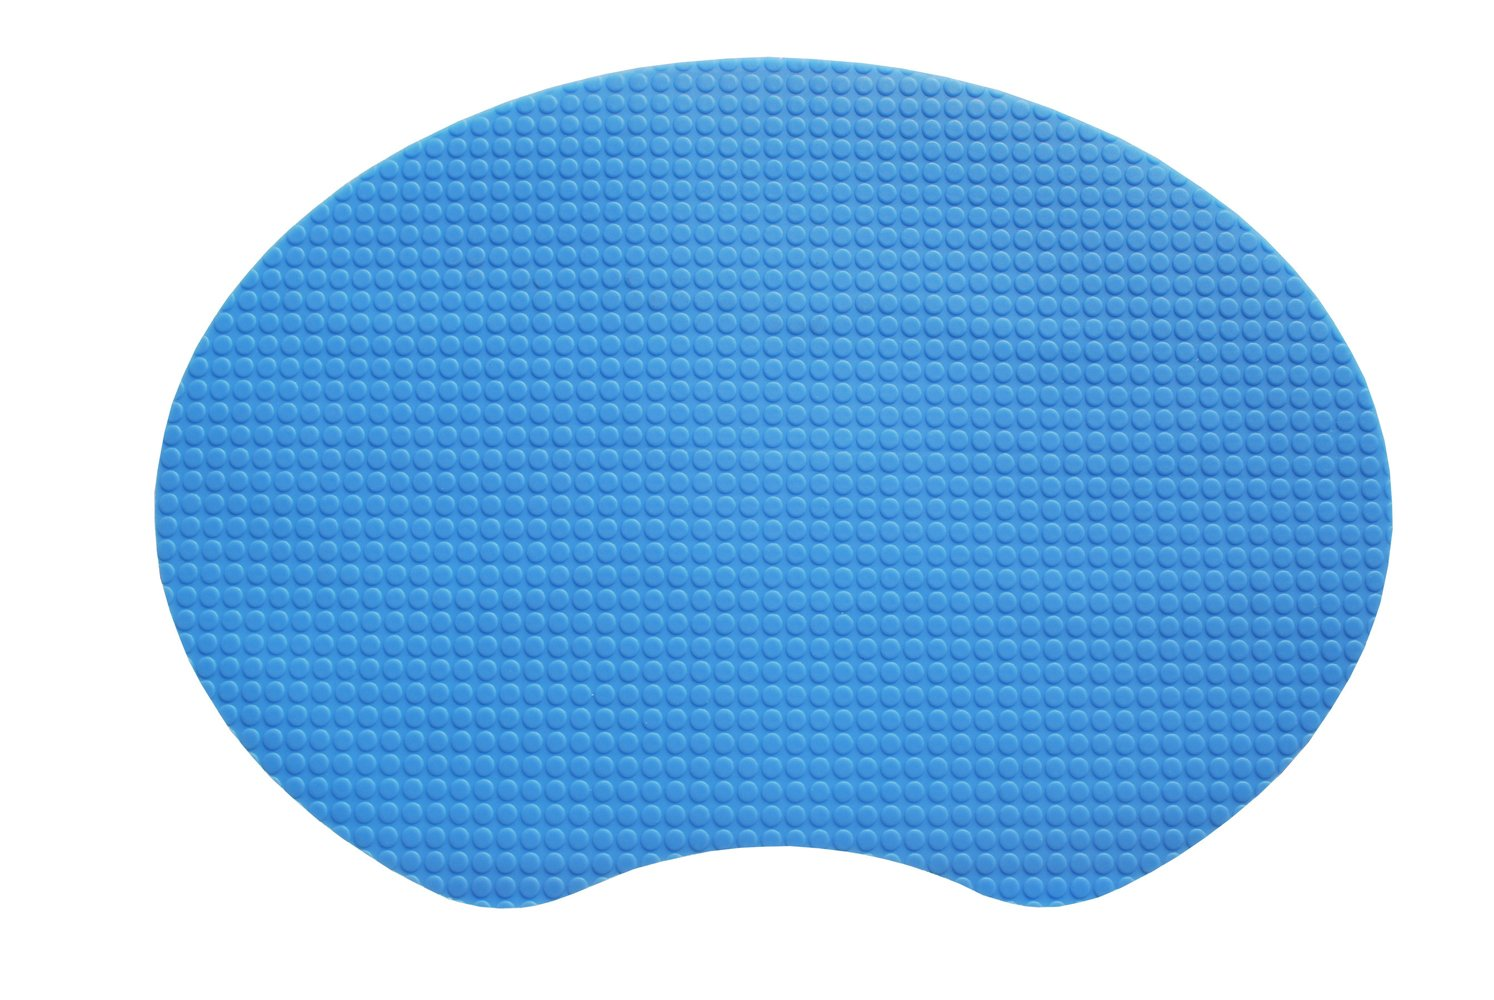 Kidkusion 15 X 11 Gummi Mat Blue